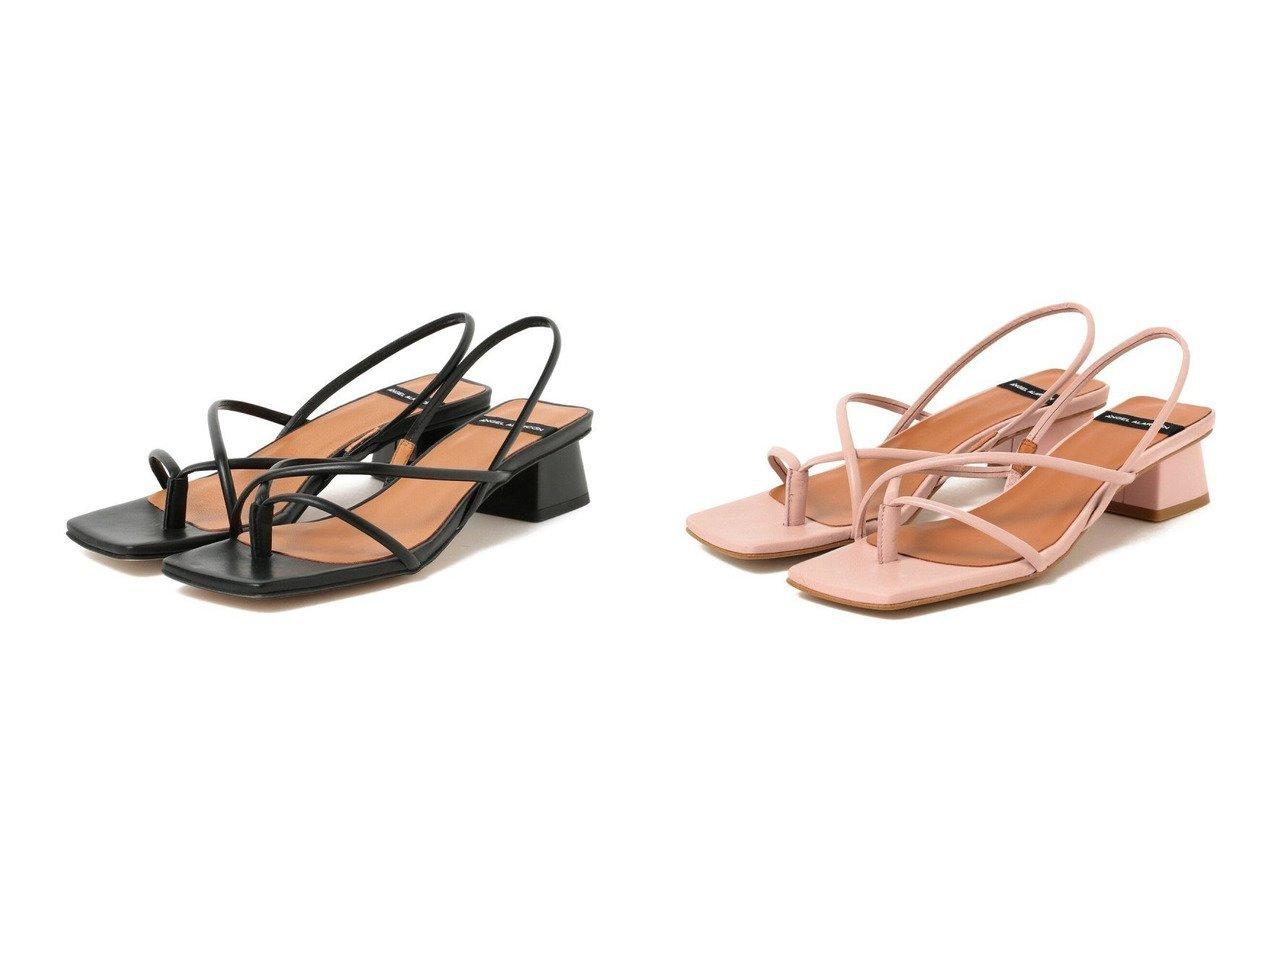 【Demi-Luxe BEAMS/デミルクス ビームス】のコードストラップ サンダル 【シューズ・靴】おすすめ!人気、トレンド・レディースファッションの通販 おすすめで人気の流行・トレンド、ファッションの通販商品 インテリア・家具・メンズファッション・キッズファッション・レディースファッション・服の通販 founy(ファニー) https://founy.com/ ファッション Fashion レディースファッション WOMEN NEW・新作・新着・新入荷 New Arrivals S/S・春夏 SS・Spring/Summer クール コレクション サンダル シューズ スクエア フレア ミュール モダン ラップ 春 Spring  ID:crp329100000043160